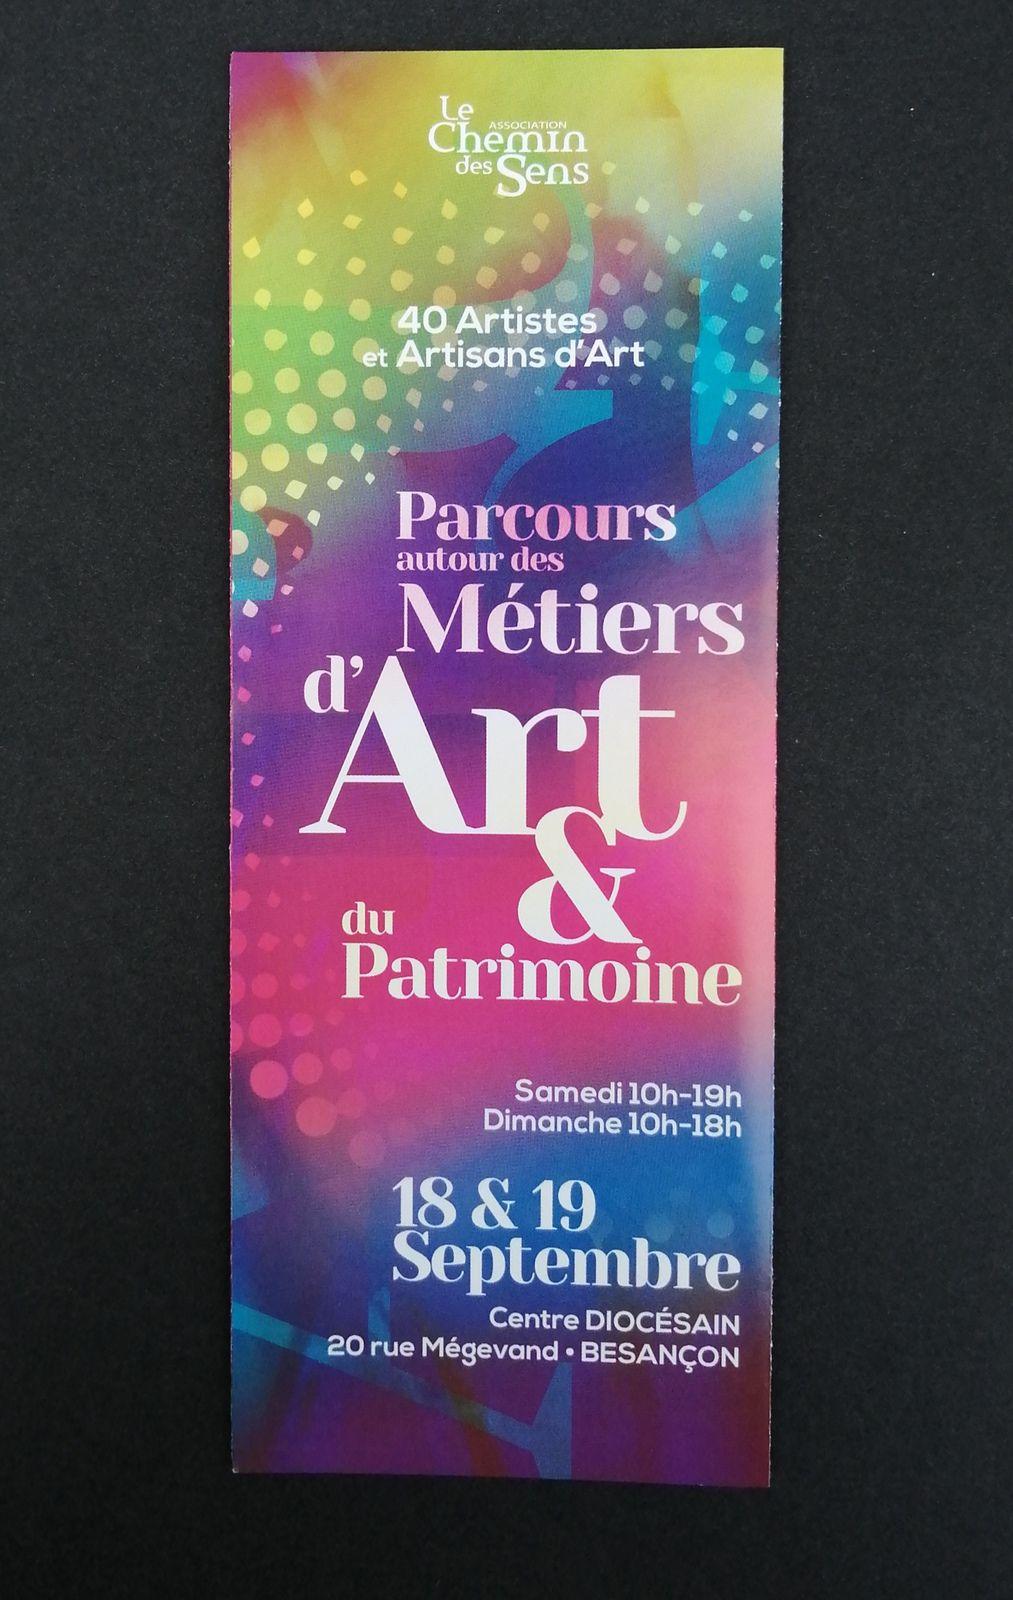 Très belle exposition d'artistes et artisans, ainsi que de cinq écoles de métiers d'art, joaillerie, ébénisterie, horlogerie, de costumes...